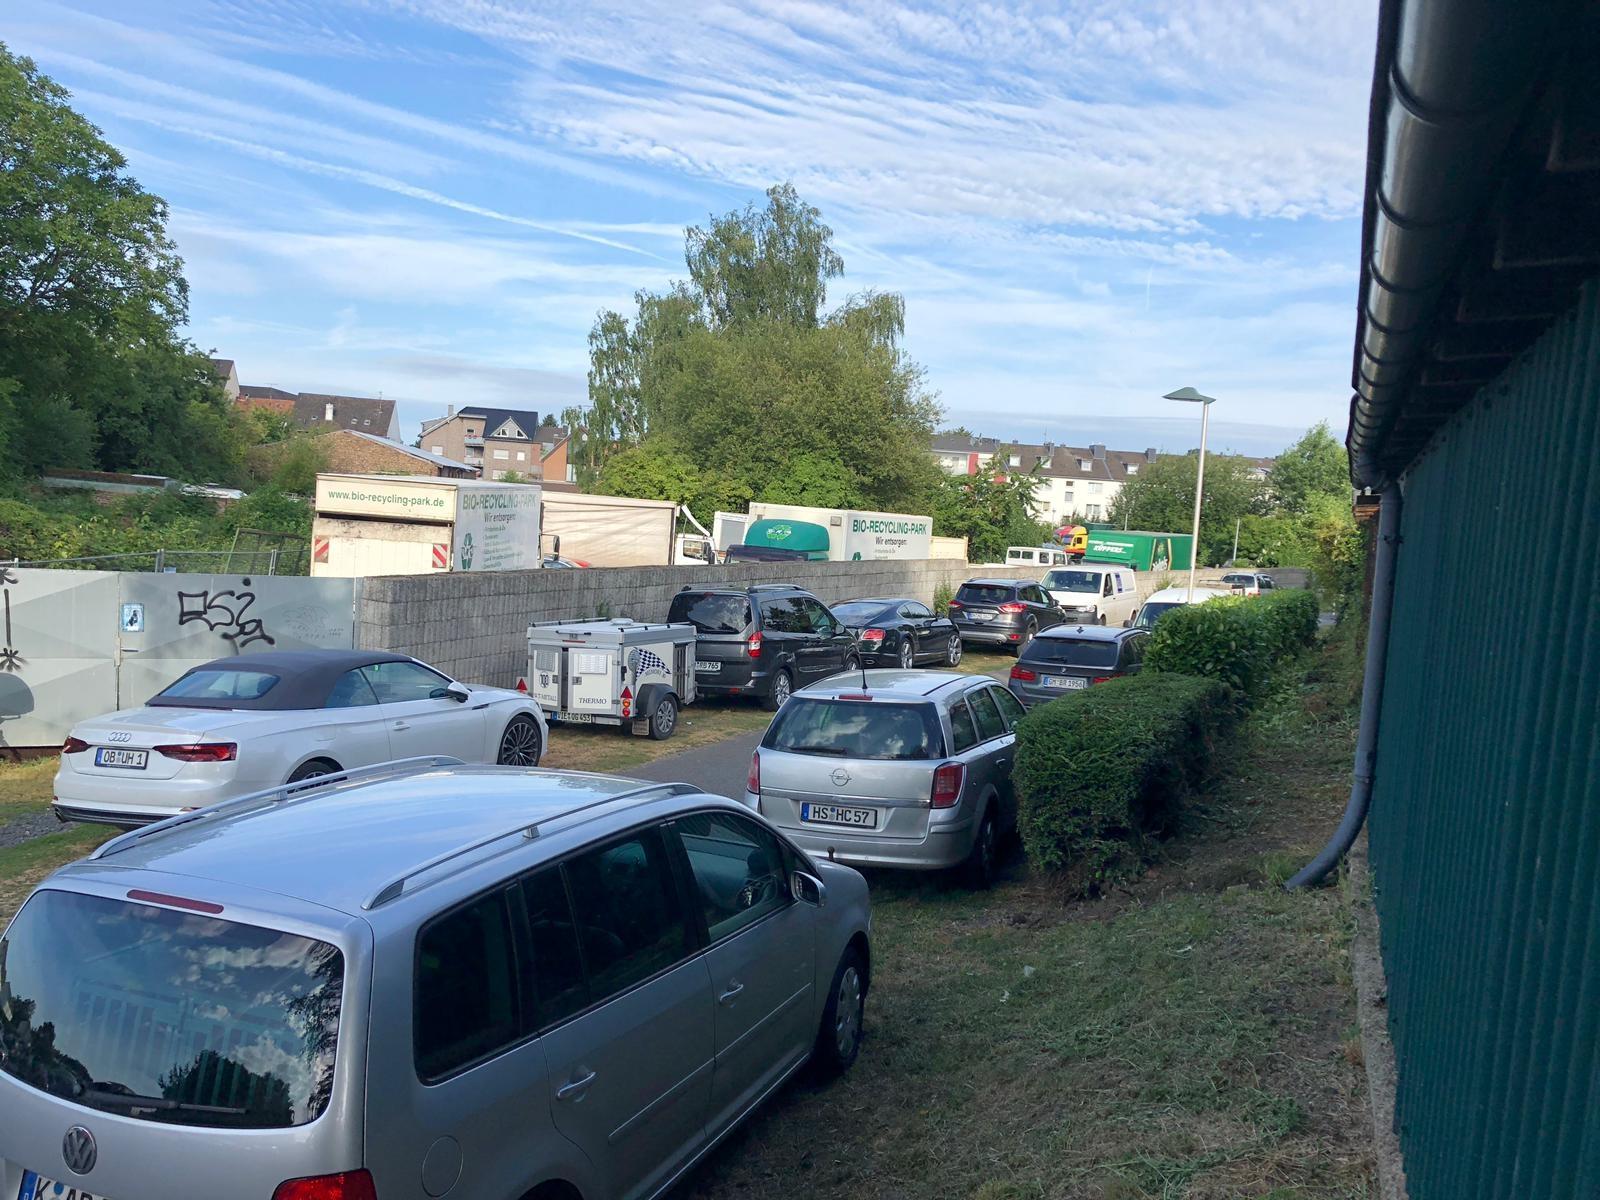 schon am frühen Morgen ein voller Parkplatz